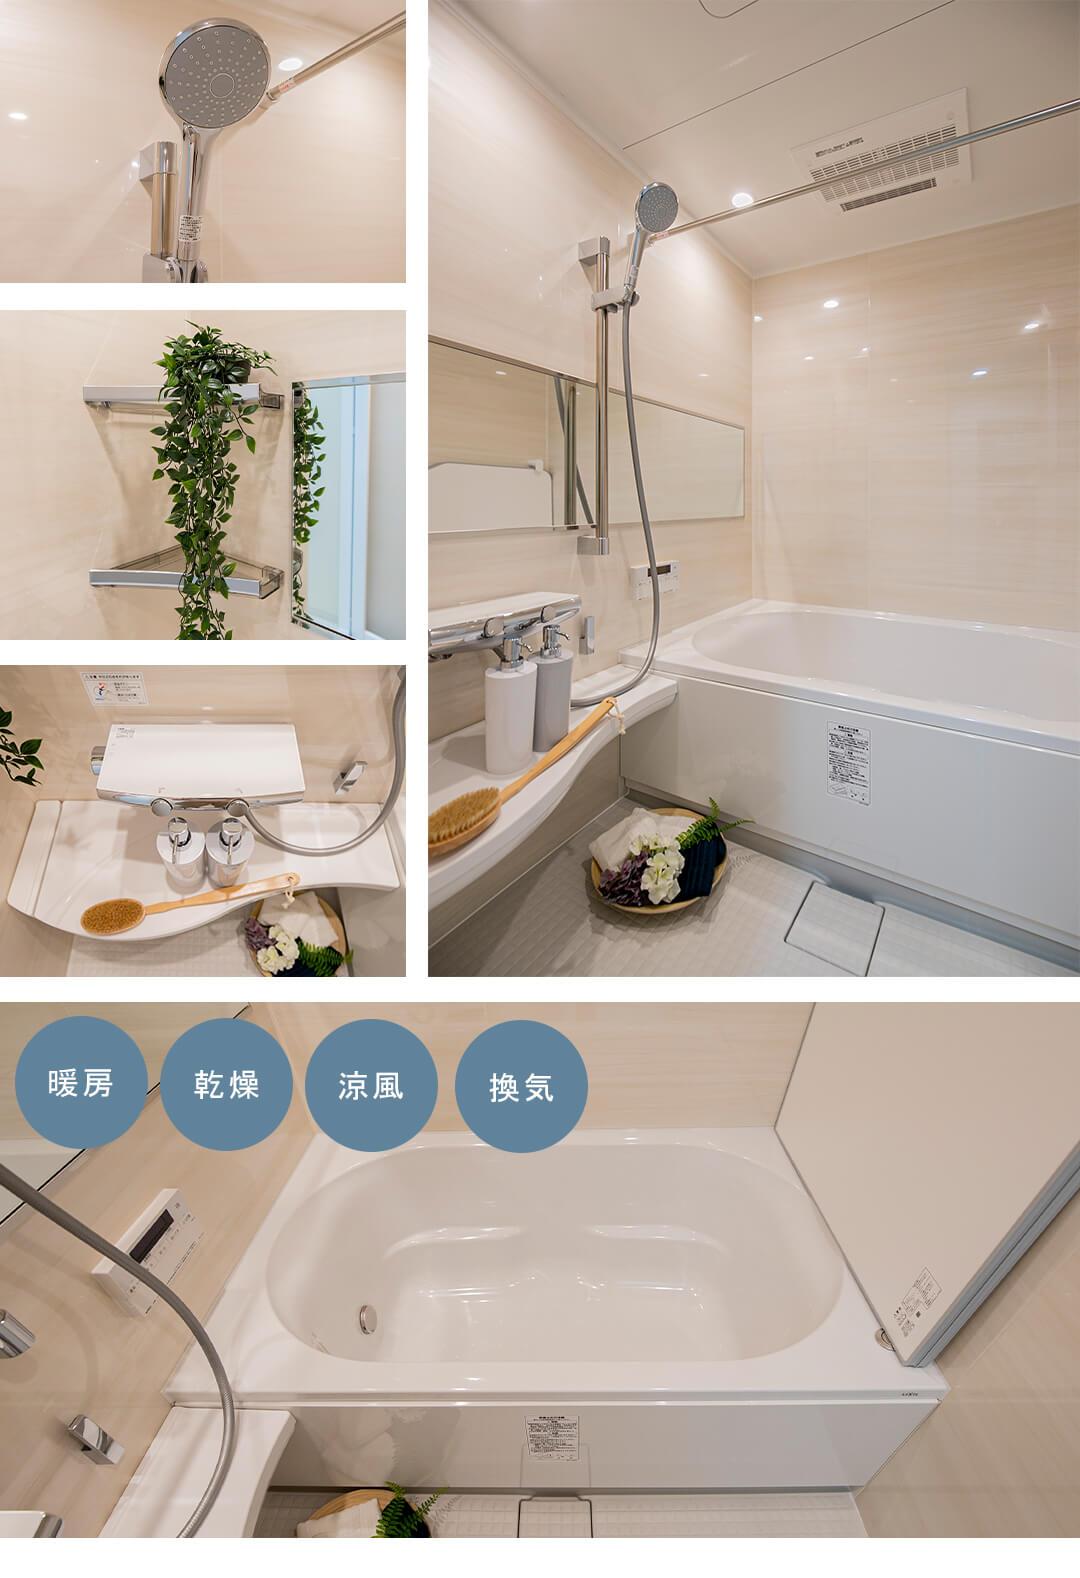 目黒西口マンション1号館の浴室